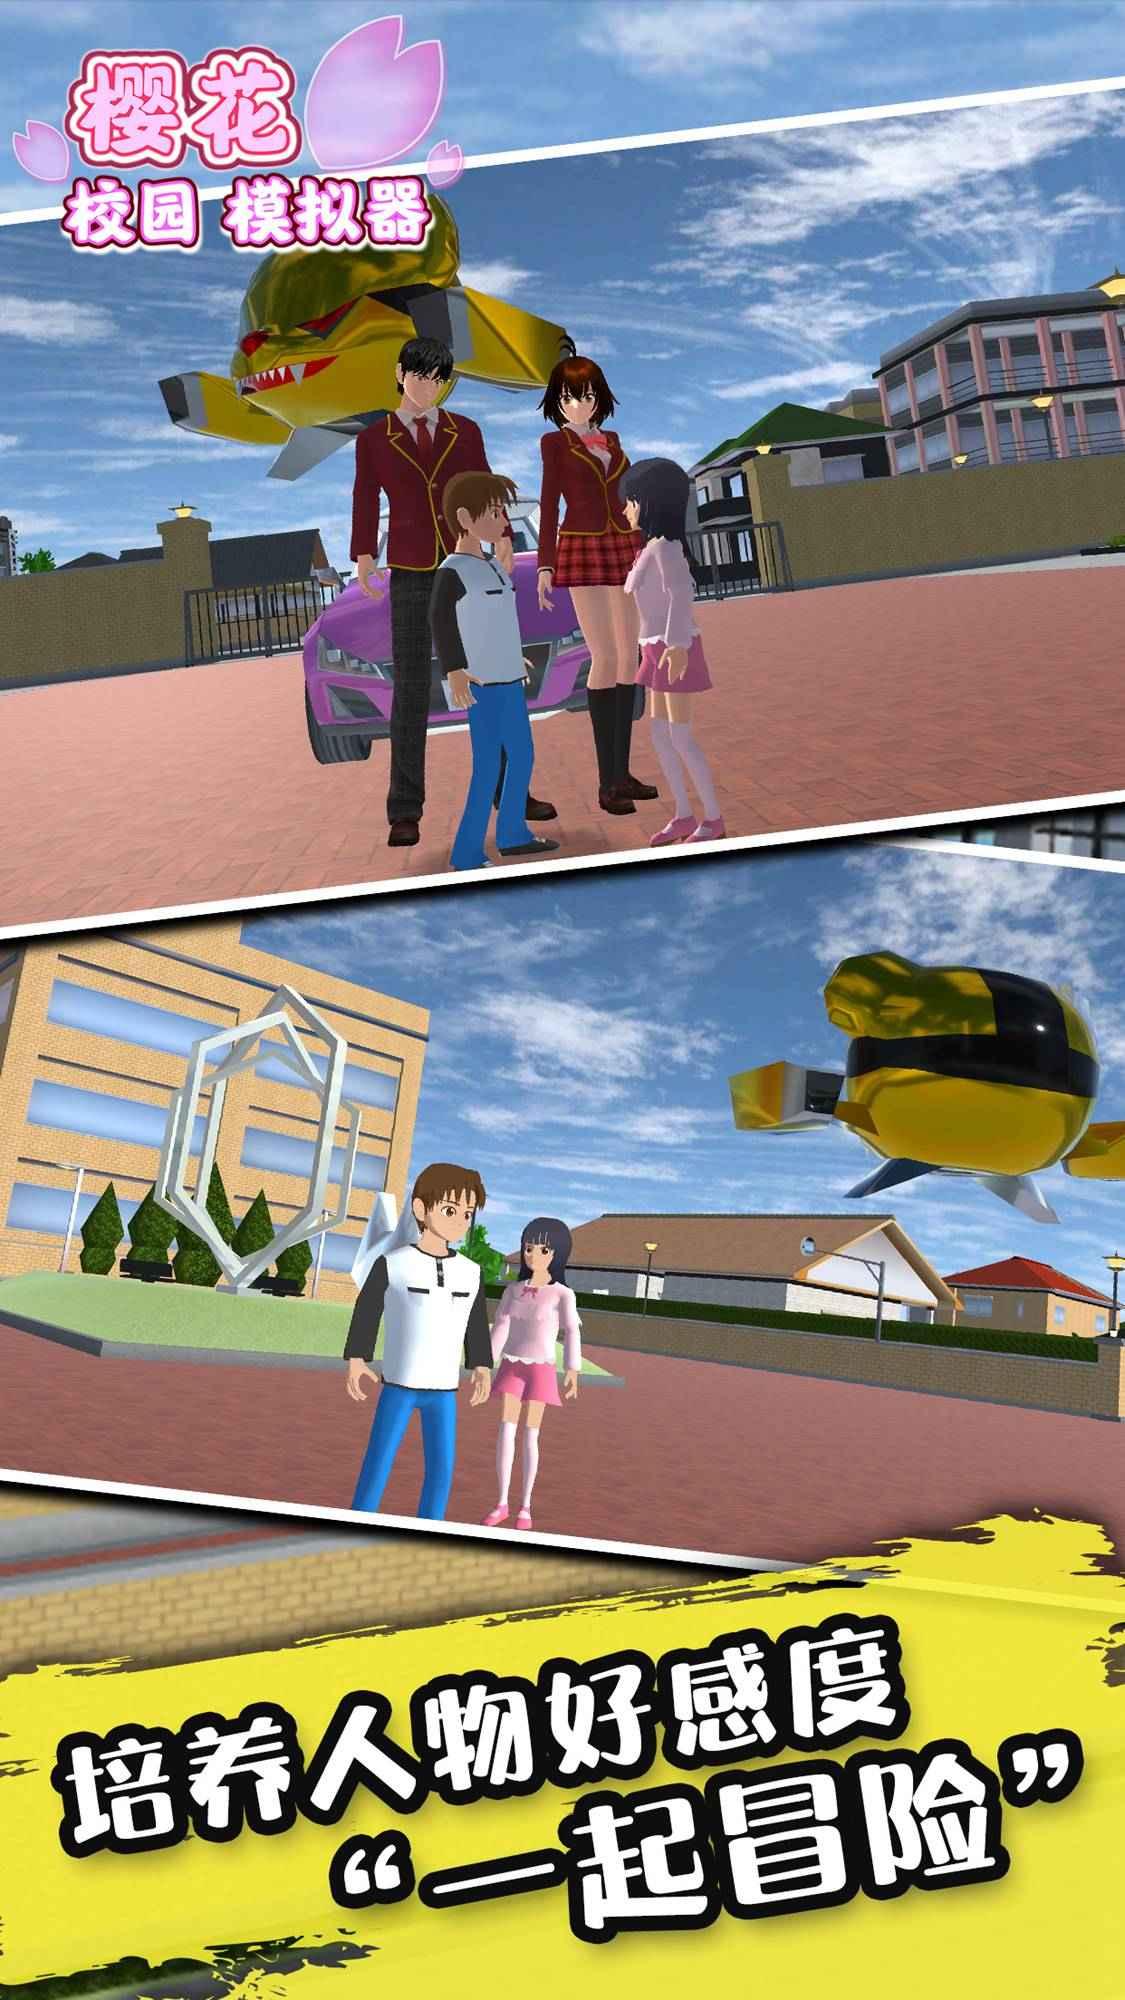 樱花校园模拟器国服版